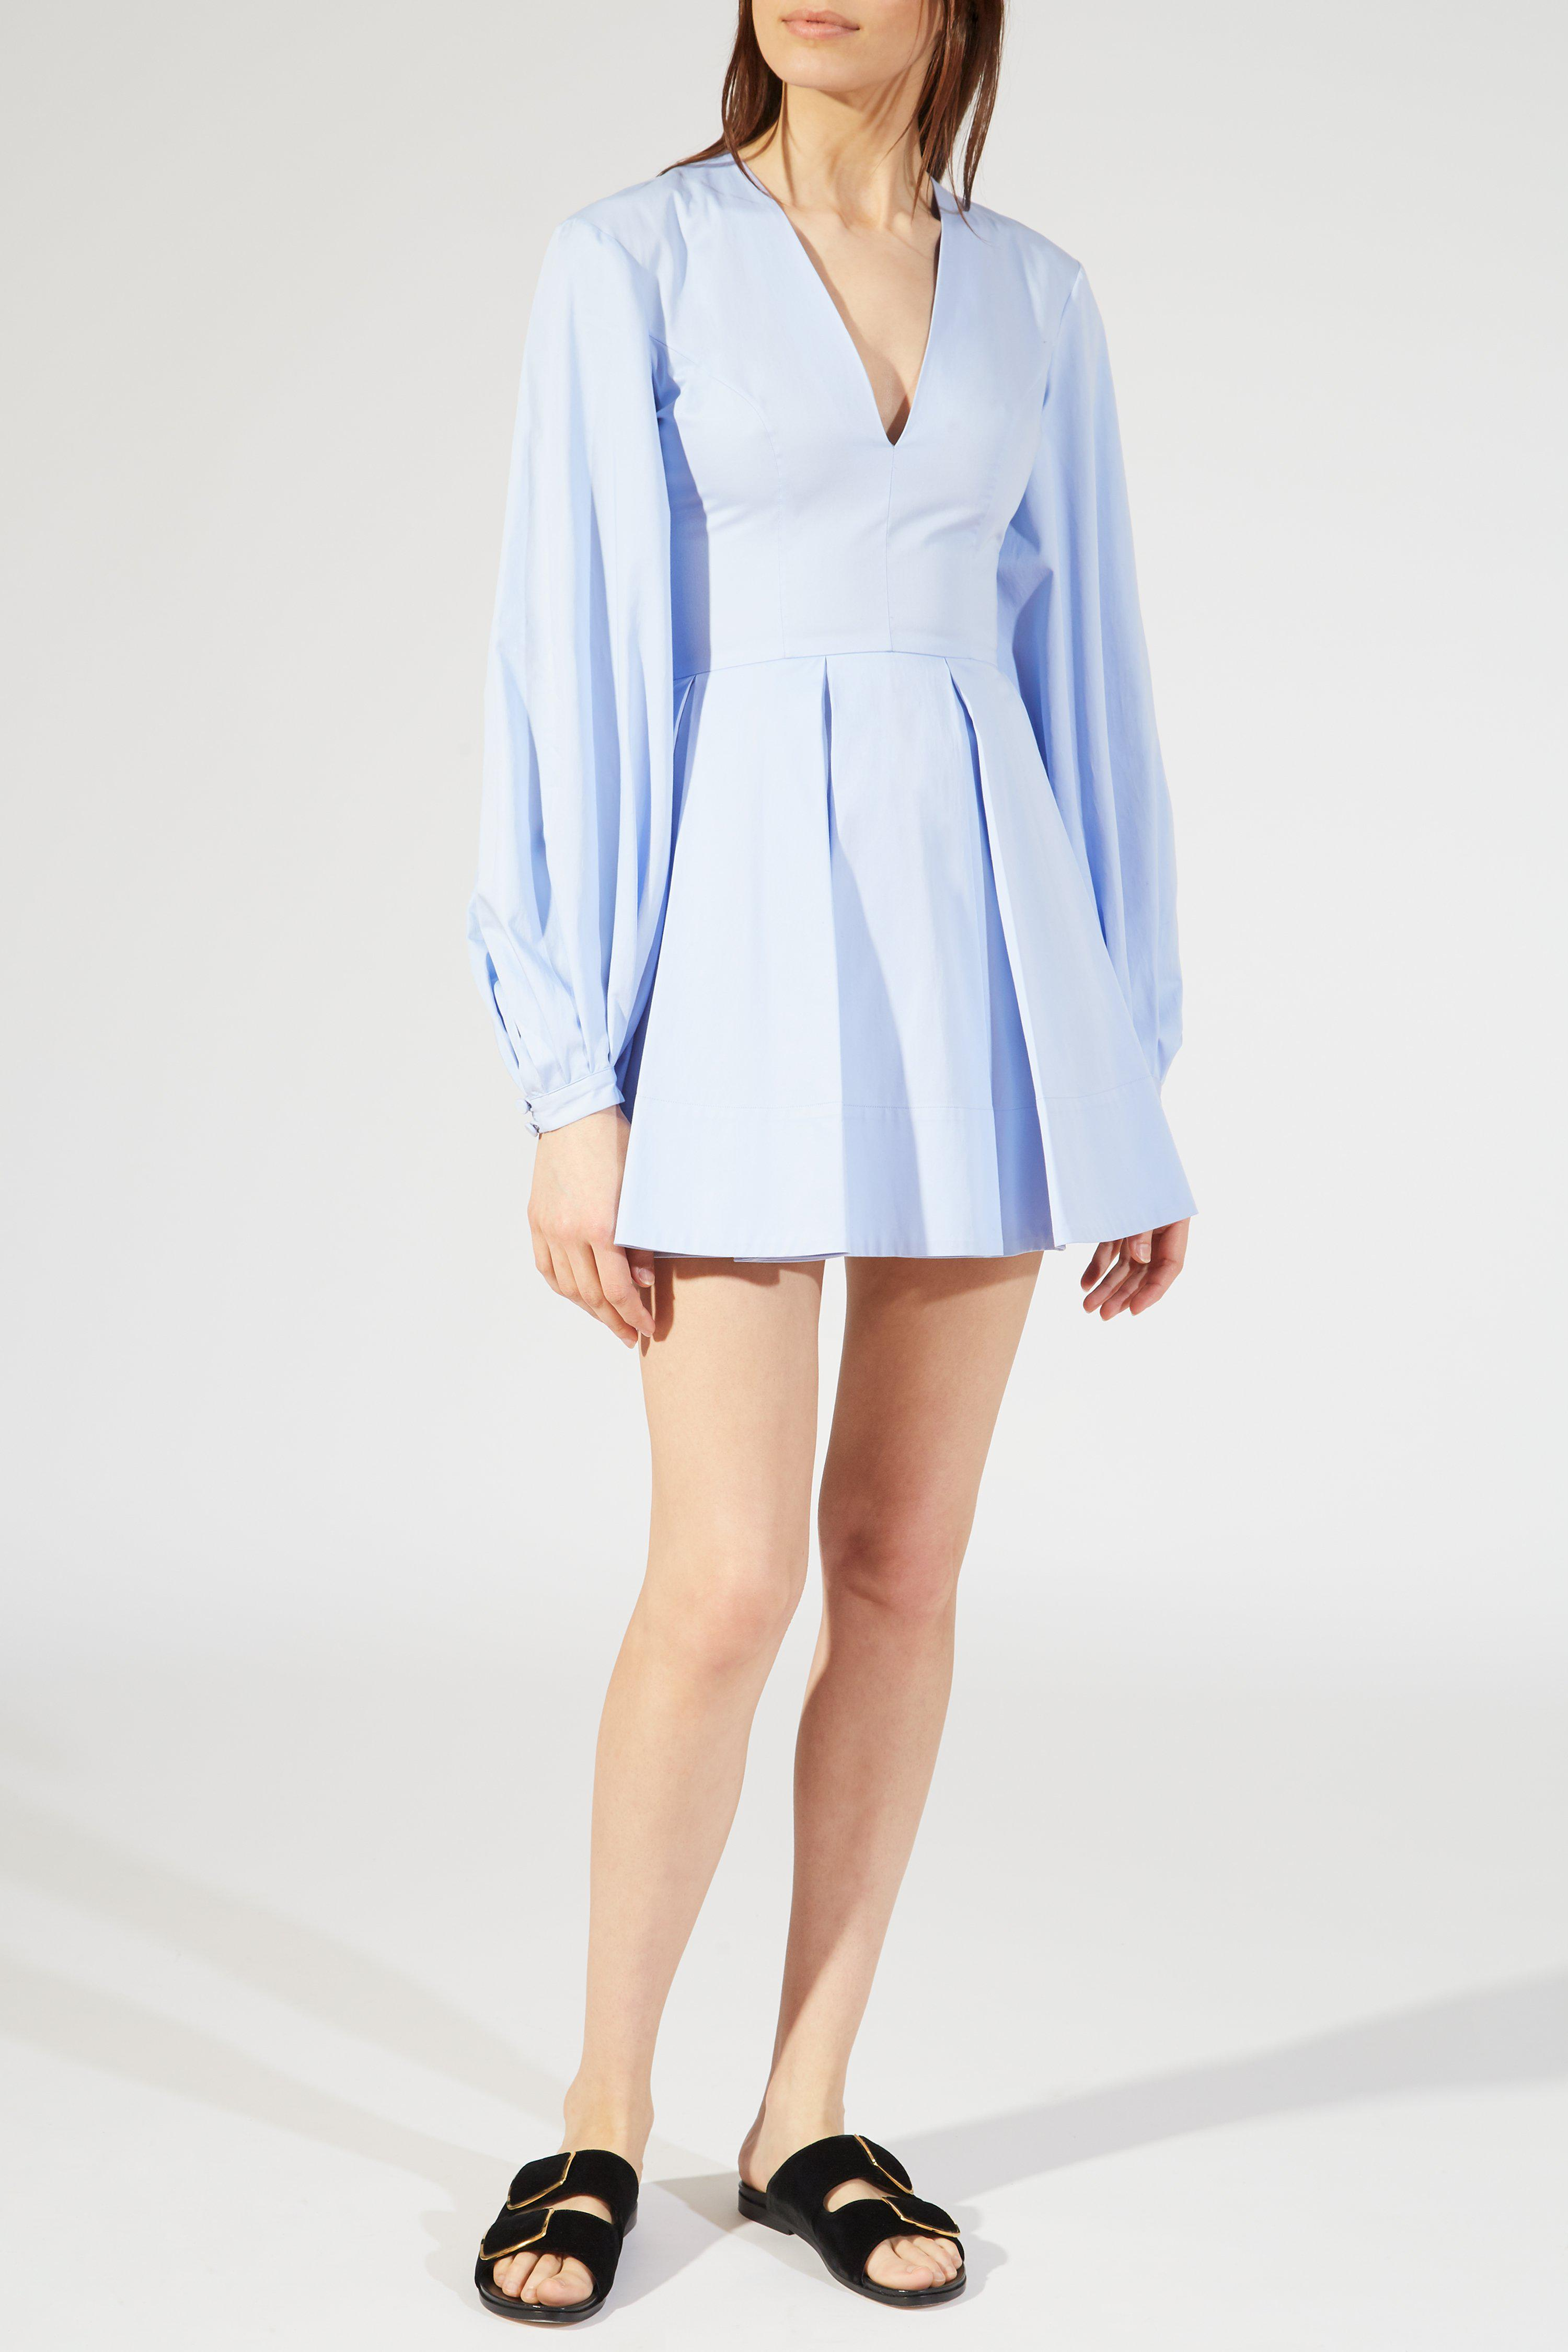 Free Shipping Explore Huge Surprise Cheap Online Denise dress - Blue Khaite C7d8T